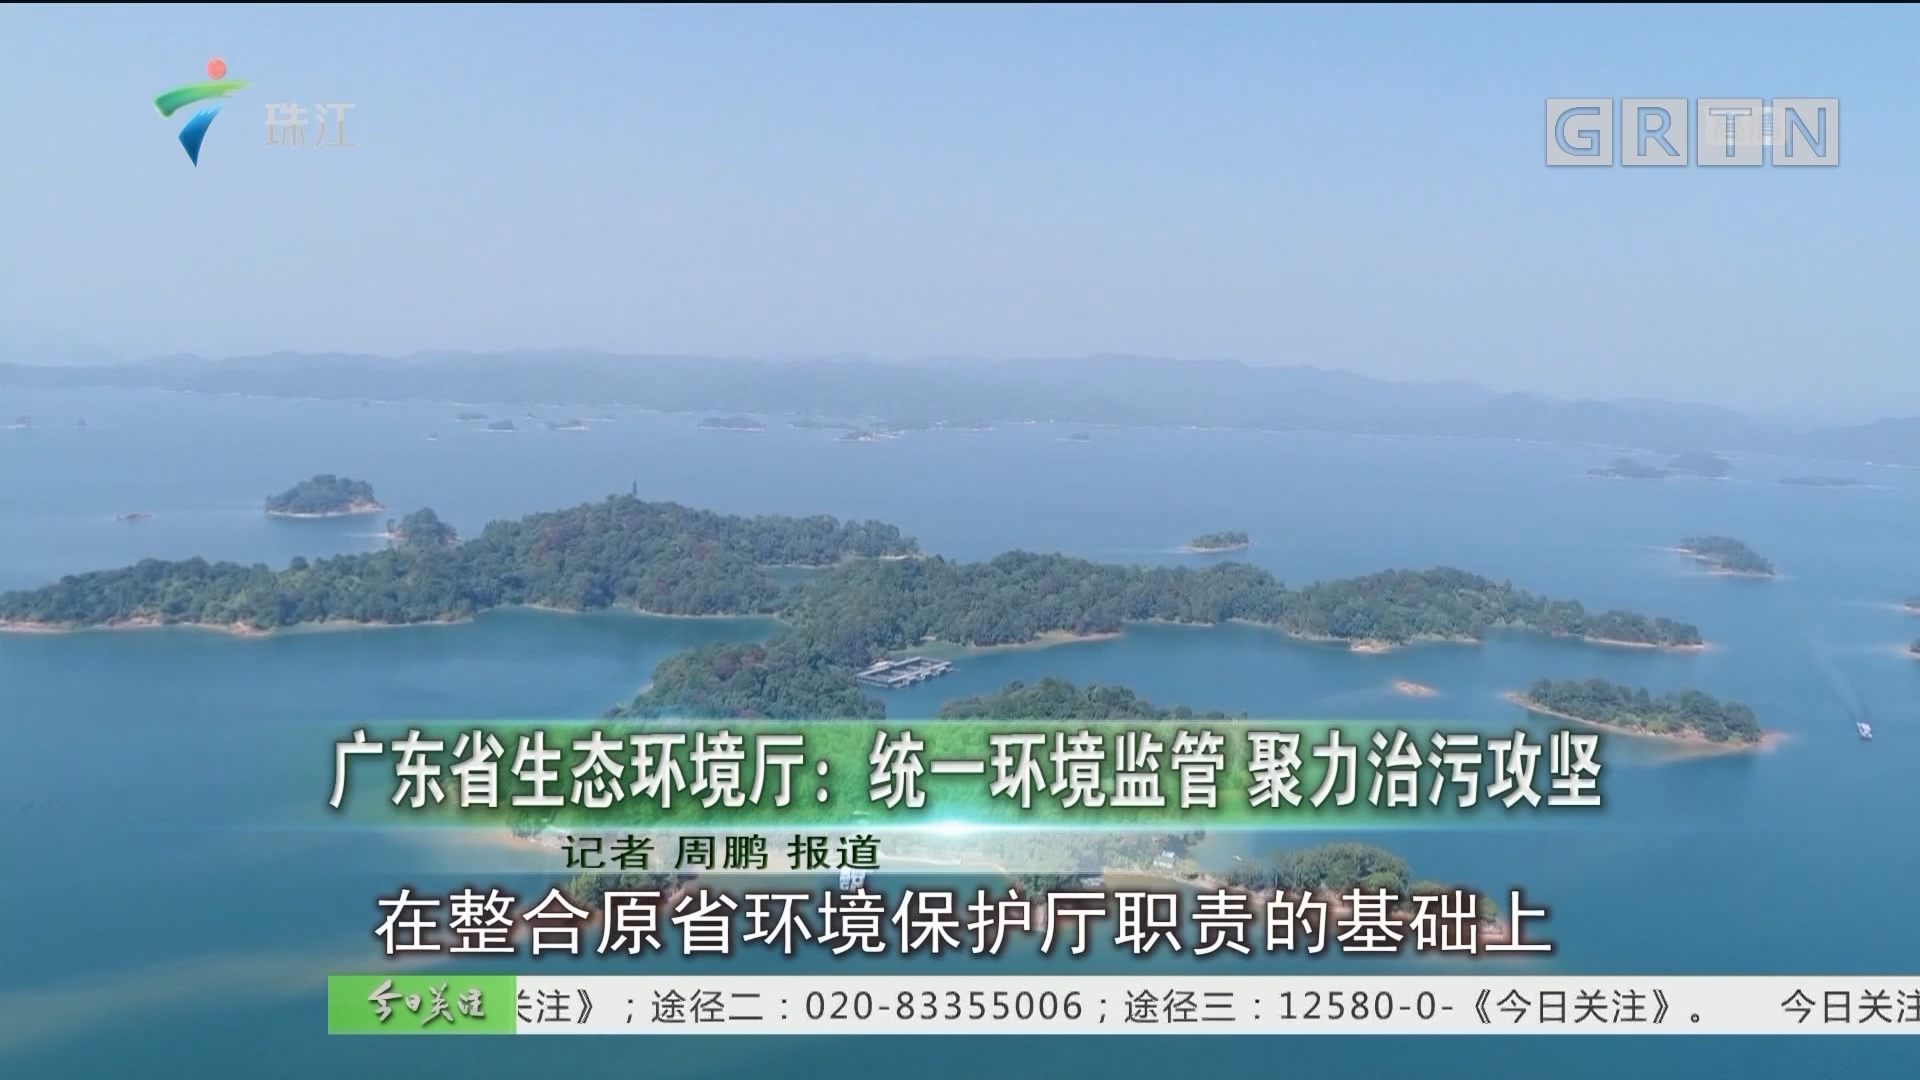 广东省生态环境厅:统一环境监管 聚力治污攻坚